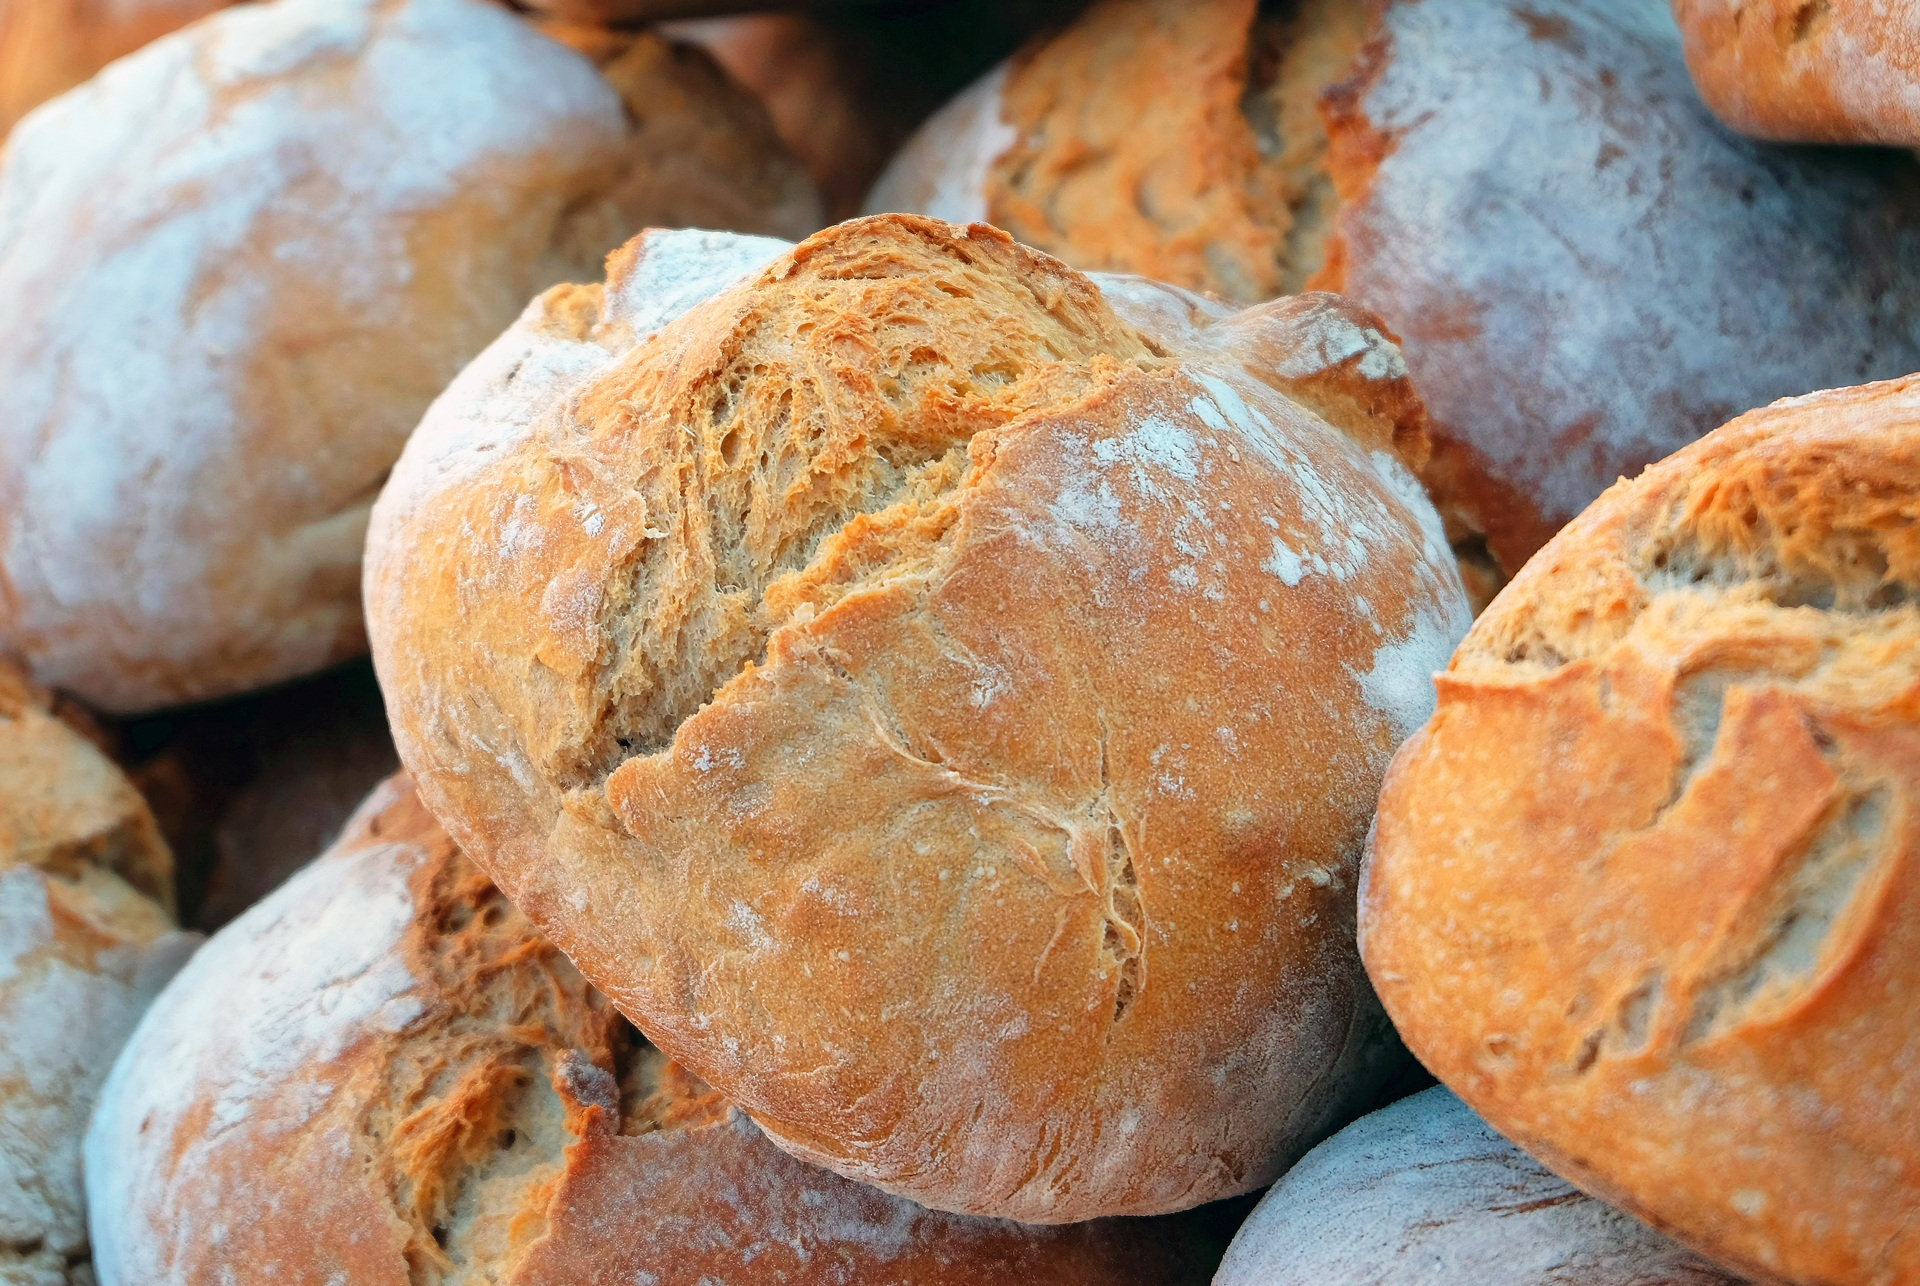 Weizenbrot, mehrere helle Brote aufeinander